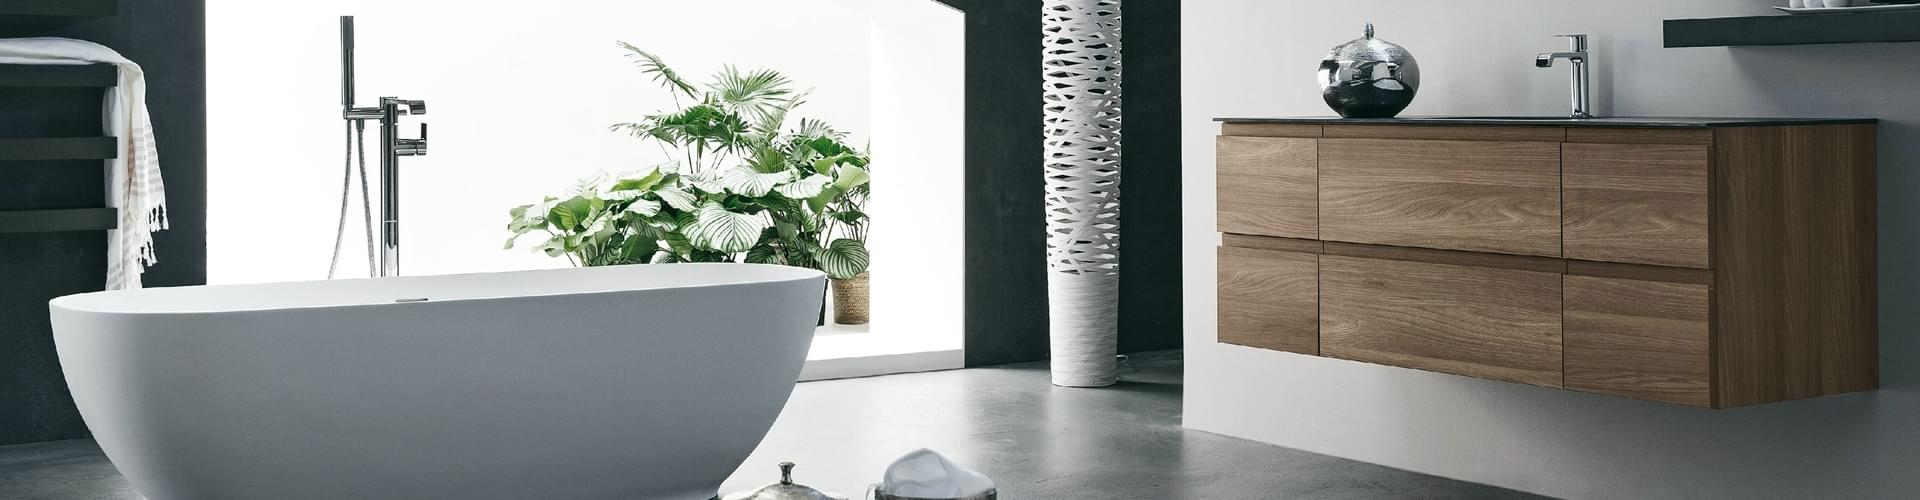 Caminetti per una casa moderna cose di casa autos post for Caminetti arredo